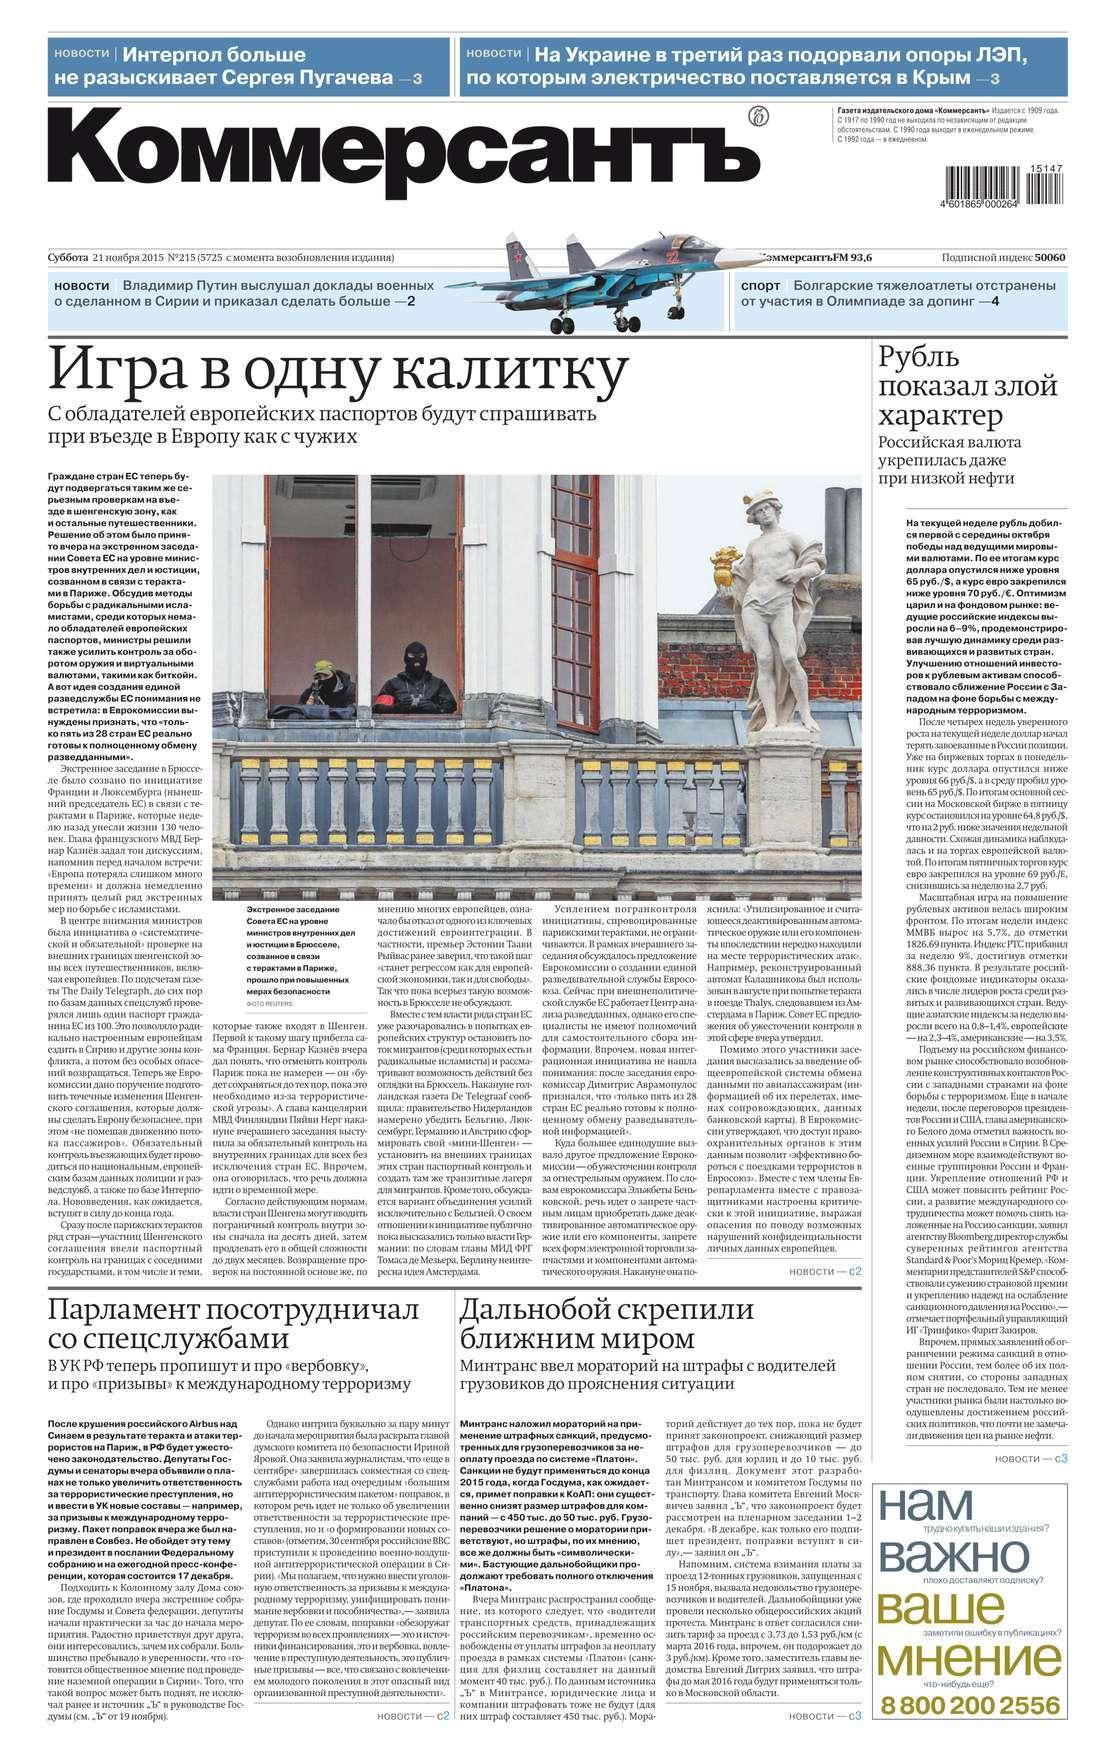 Скачать Редакция газеты КоммерсантЪ бесплатно КоммерсантЪ 215-2015